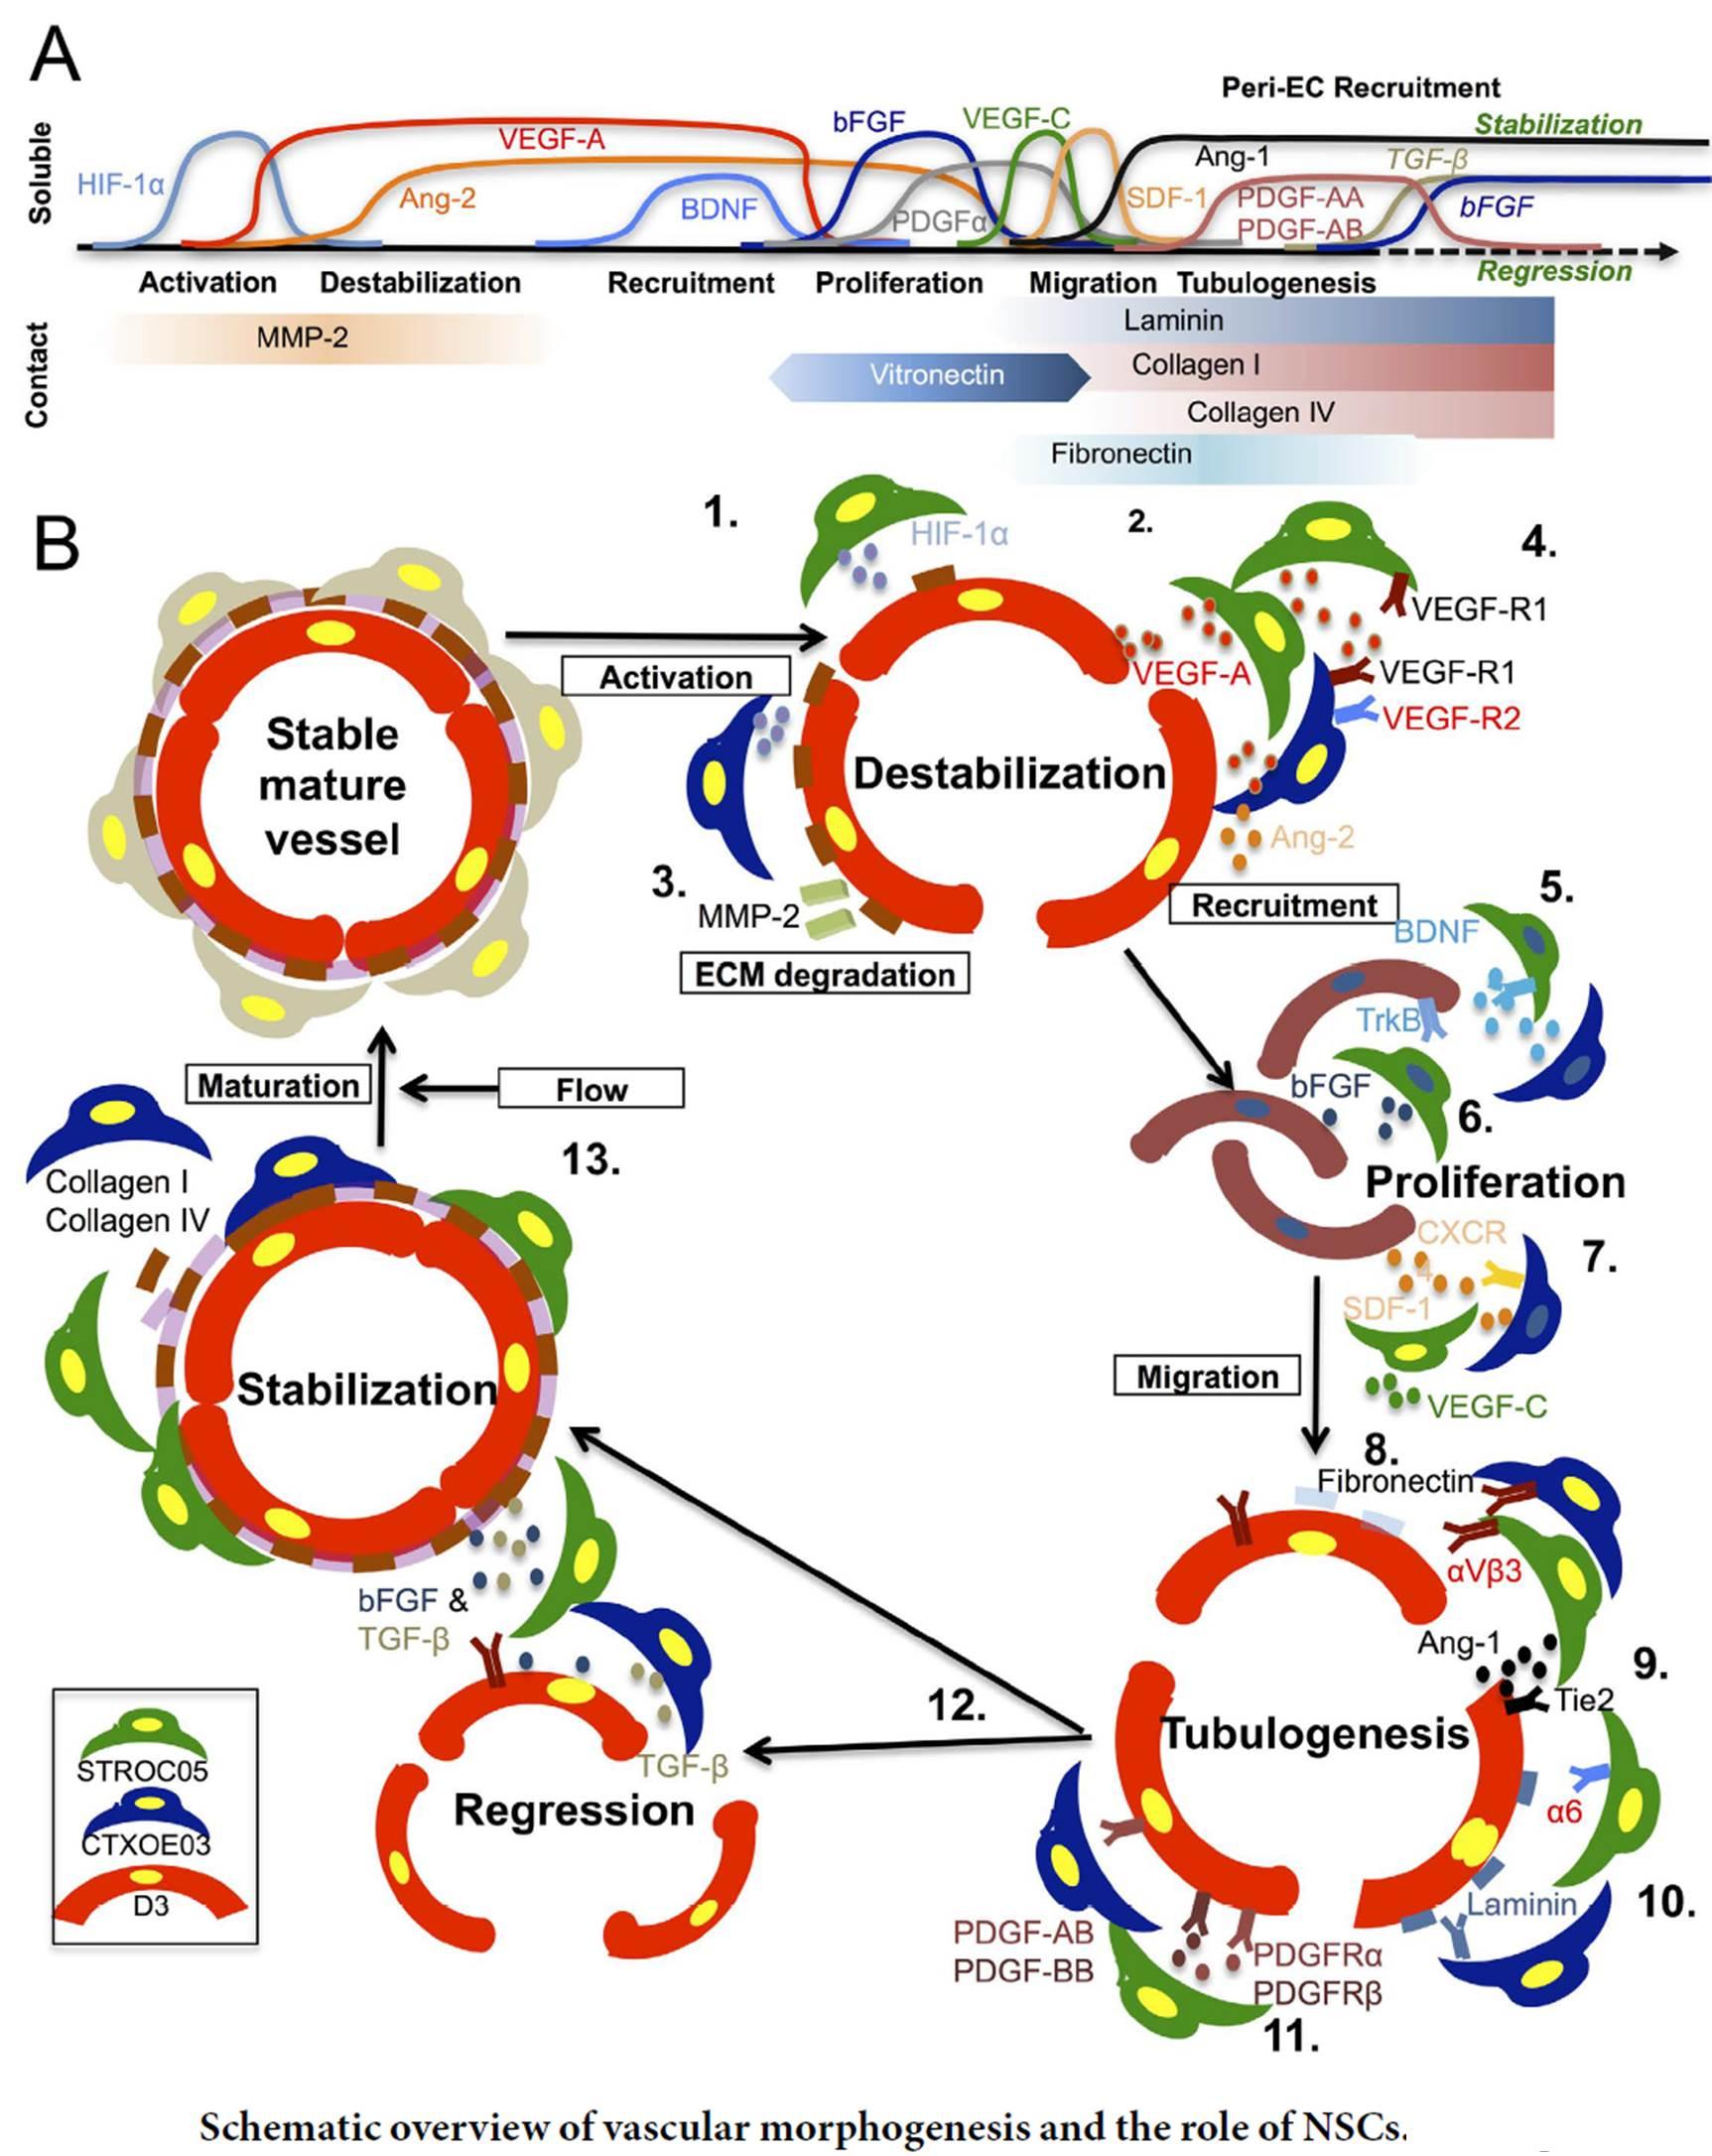 腦神經血管單元內旁分泌及鄰分泌作用因子